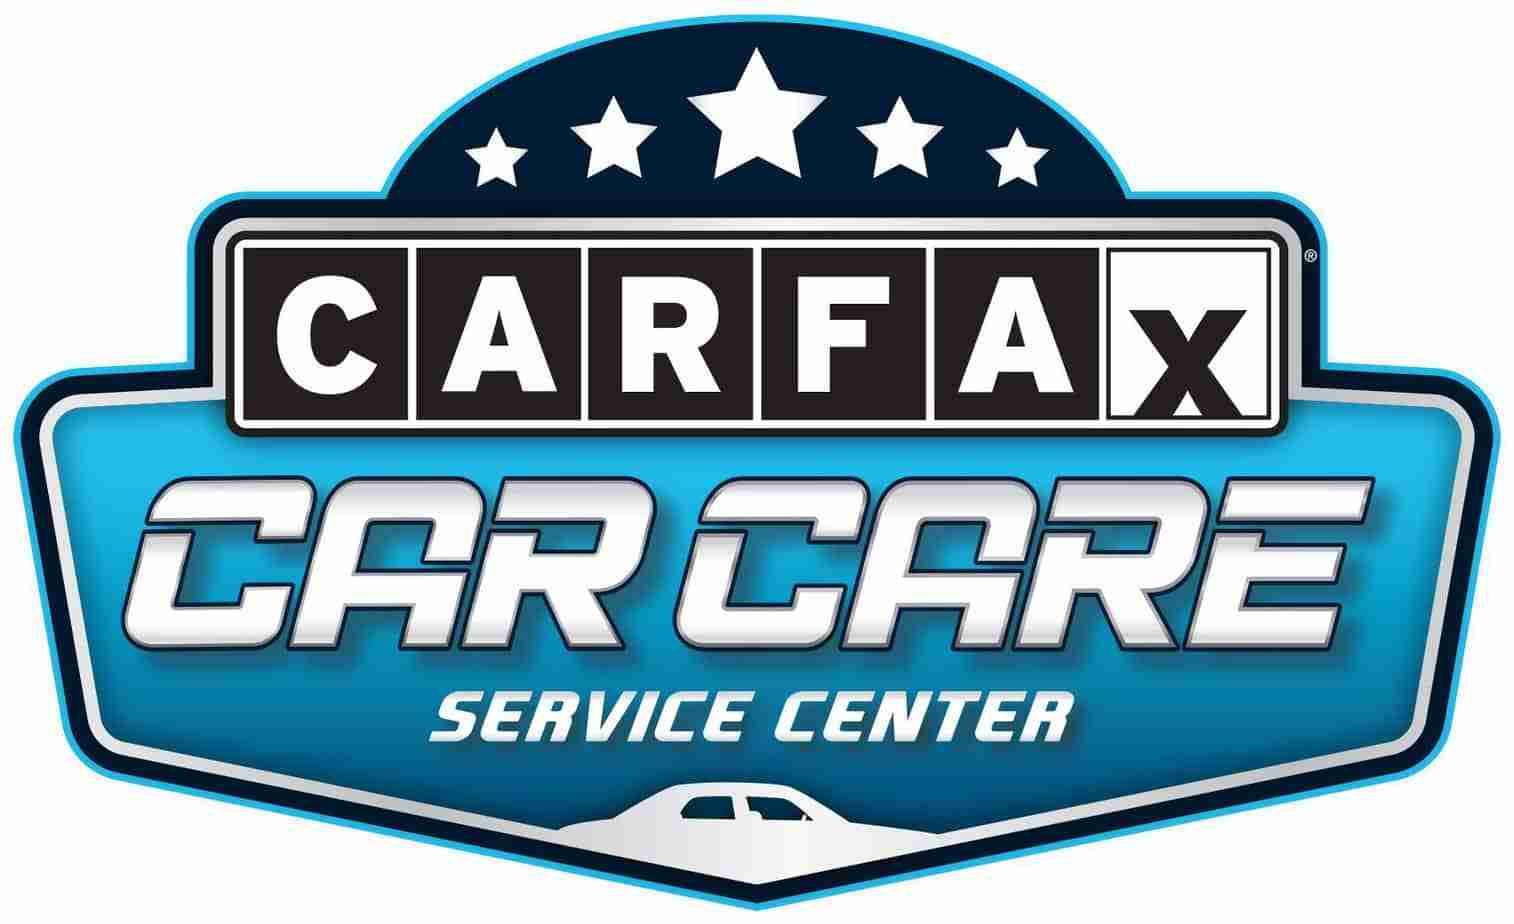 carfax car care center